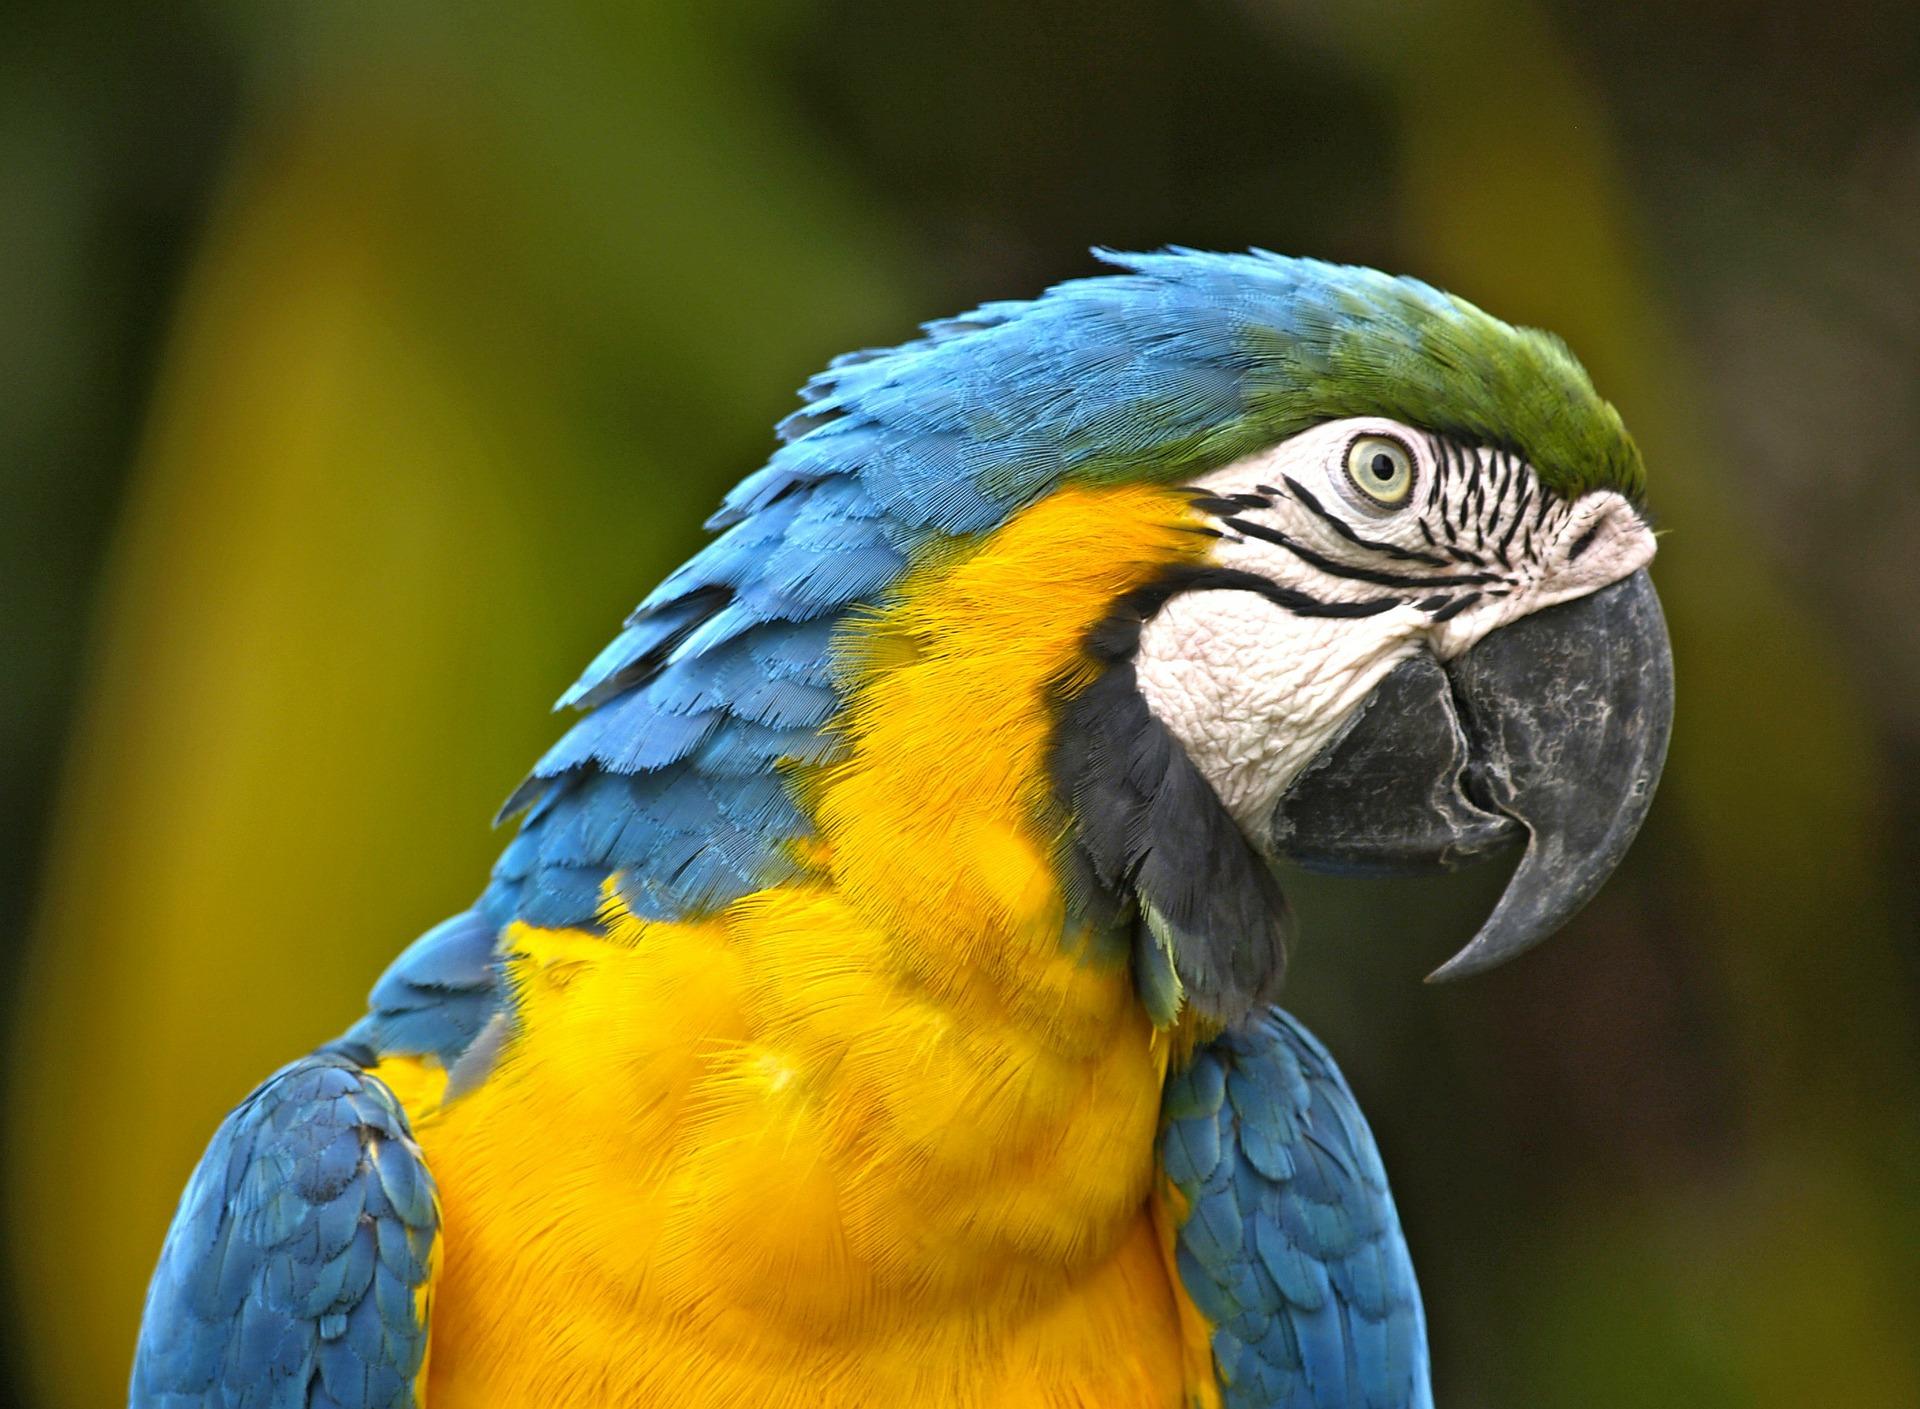 Parrot in Brazil